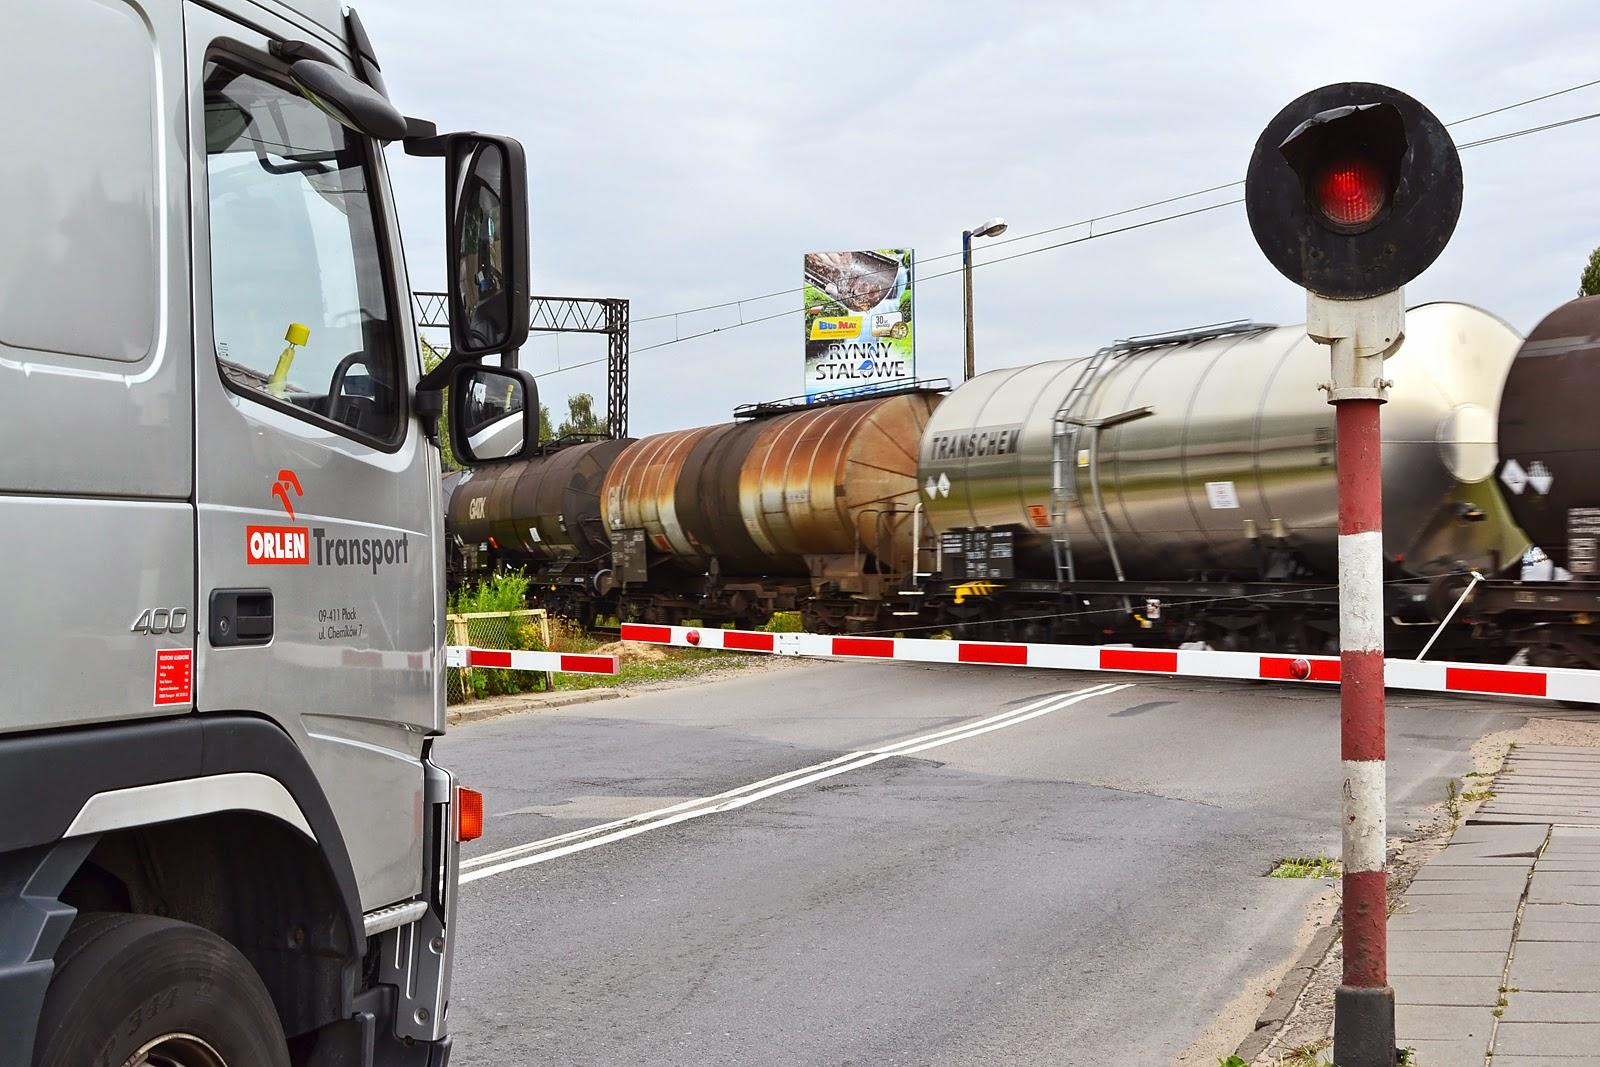 Dokumentacja fotograficzna i filmowa infrastruktury transportowej w Płocku i jego rejonie